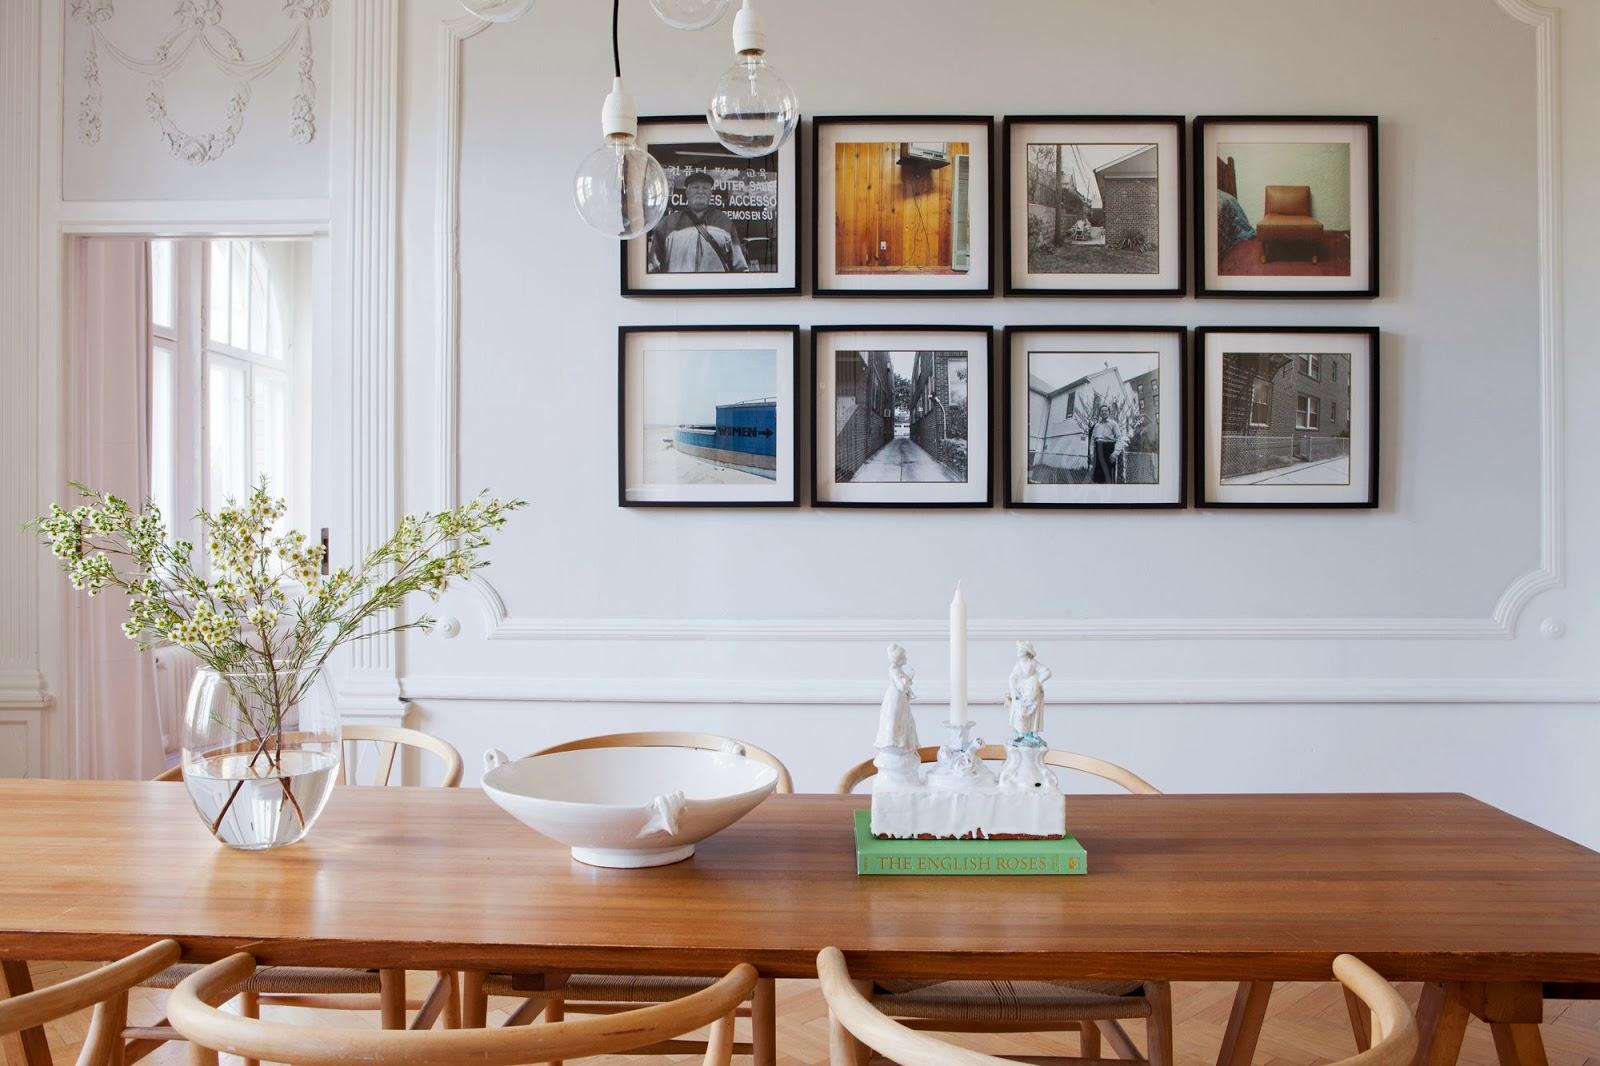 d couvrir l 39 endroit du d cor d licat m lange ancien design et nature. Black Bedroom Furniture Sets. Home Design Ideas